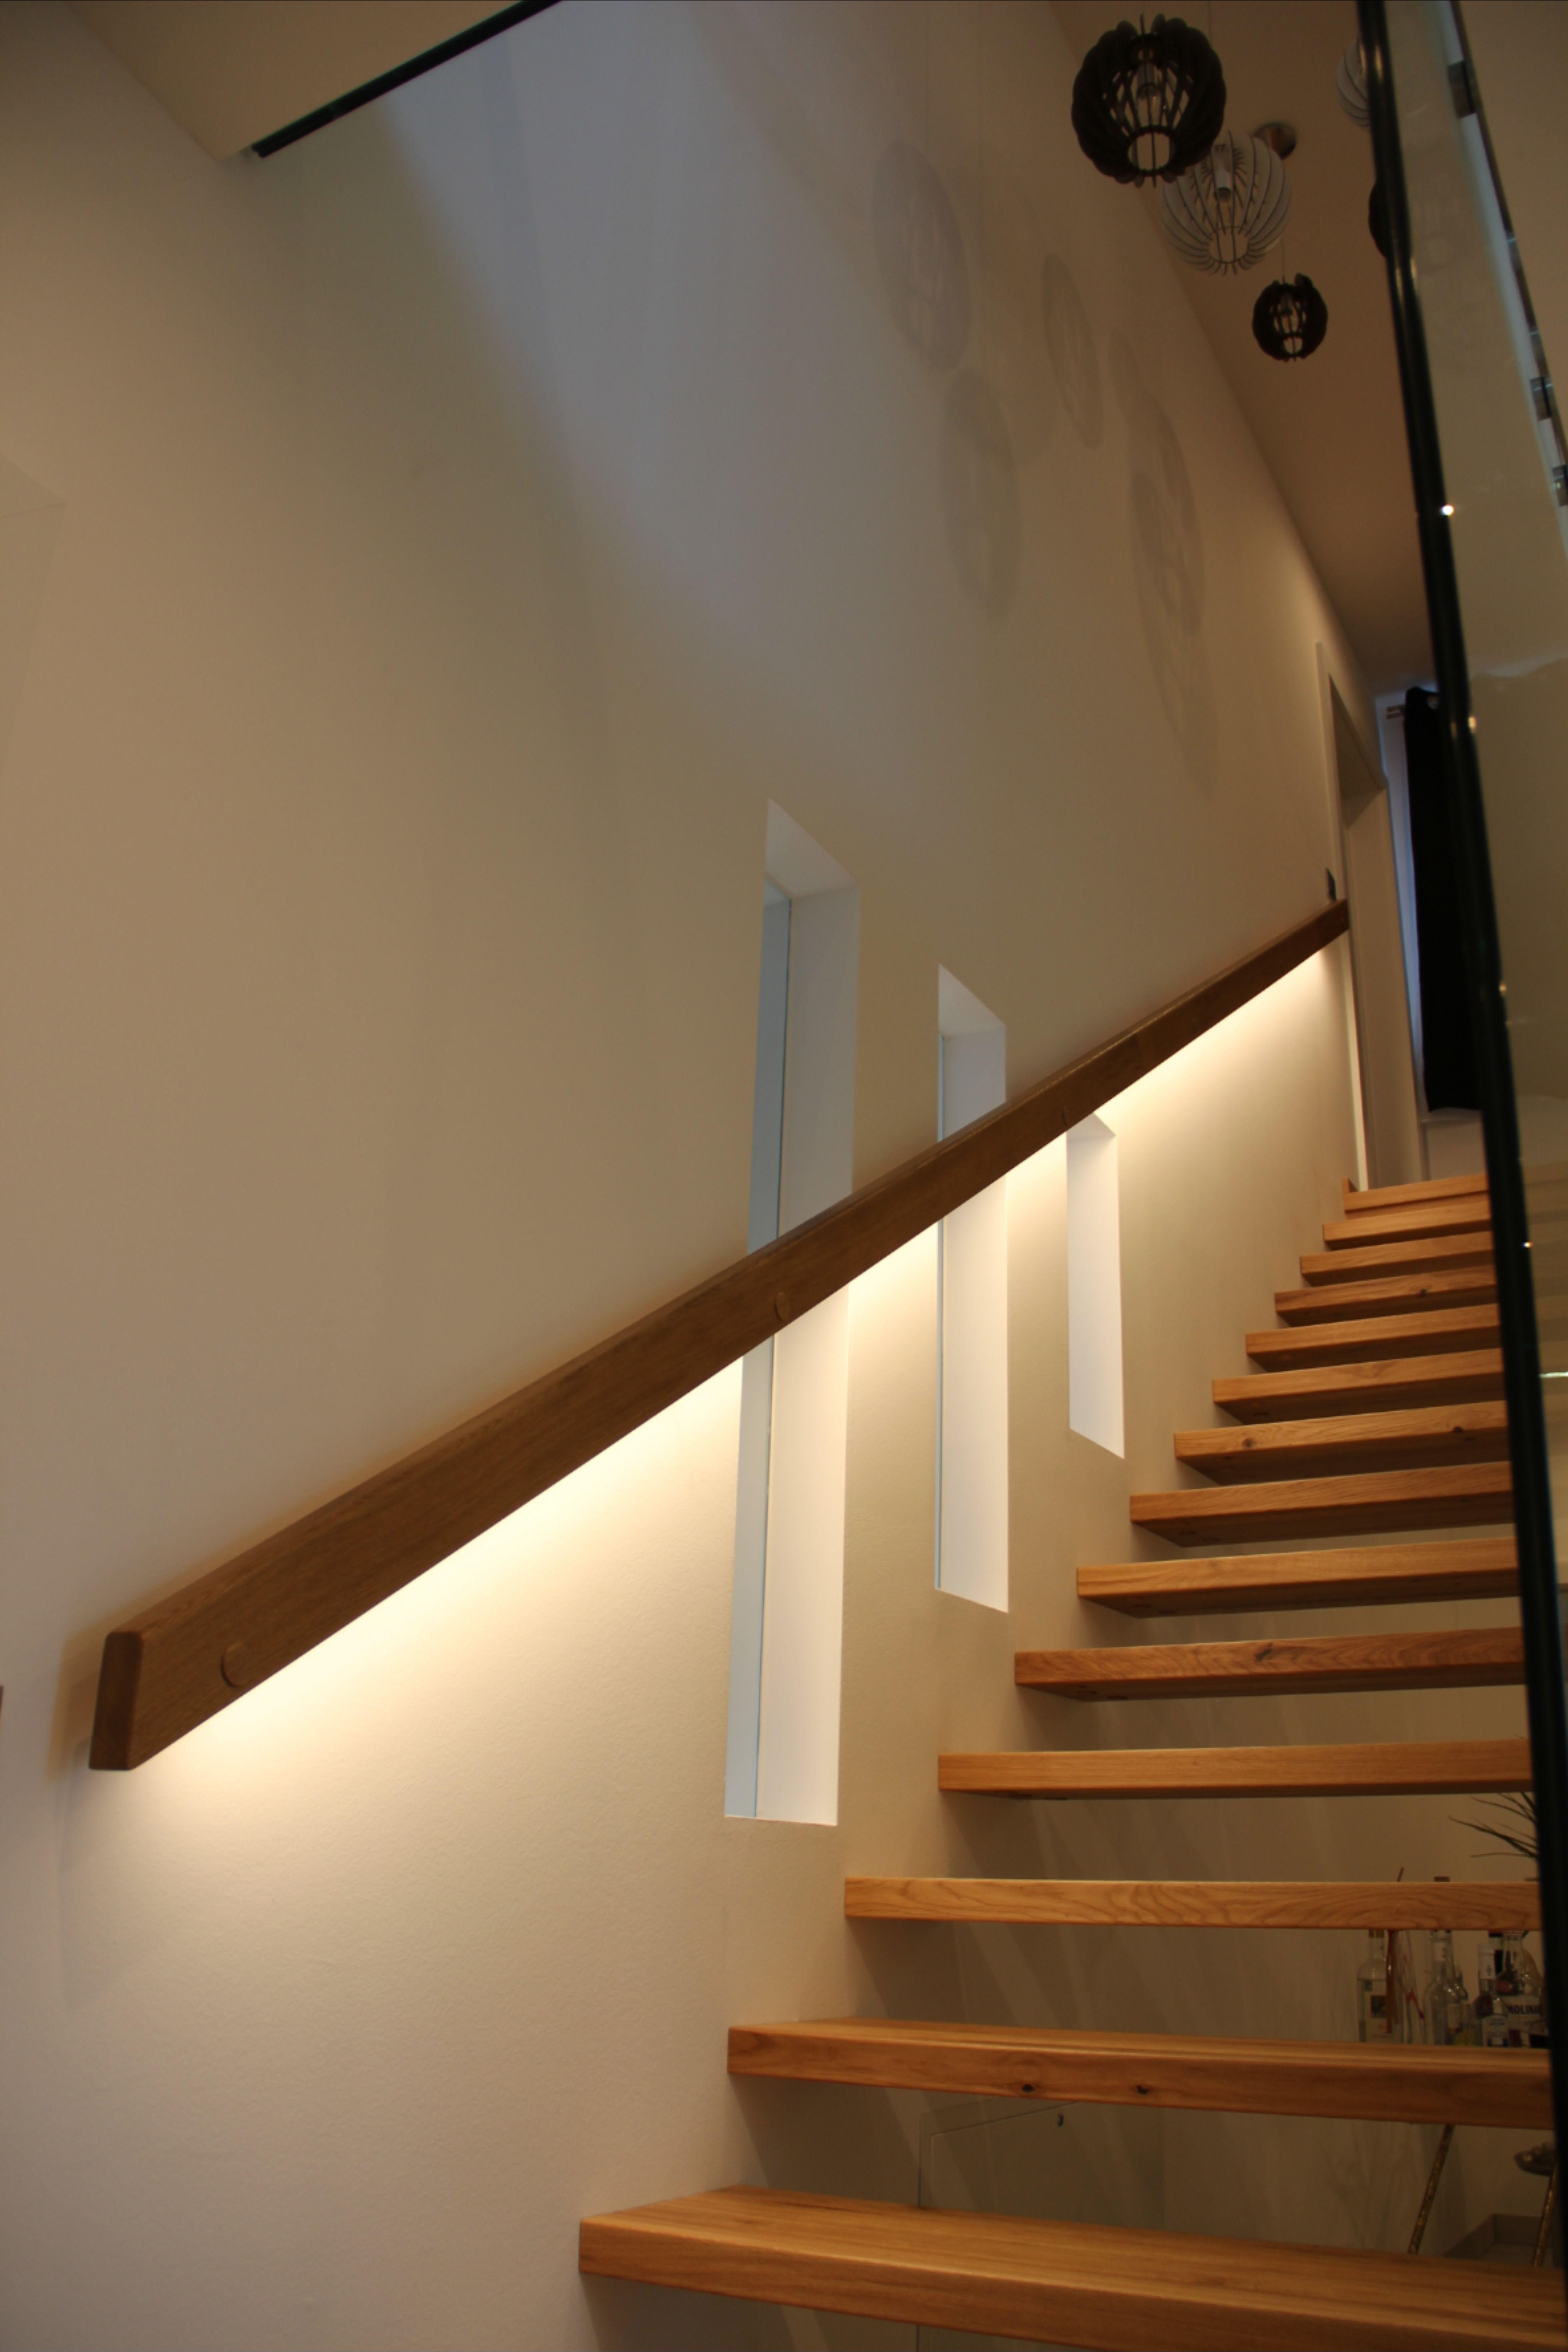 Beleuchtung Furs Treppenhaus In 2020 Treppenhaus Beleuchtung Treppenbeleuchtung Handlauf Treppe